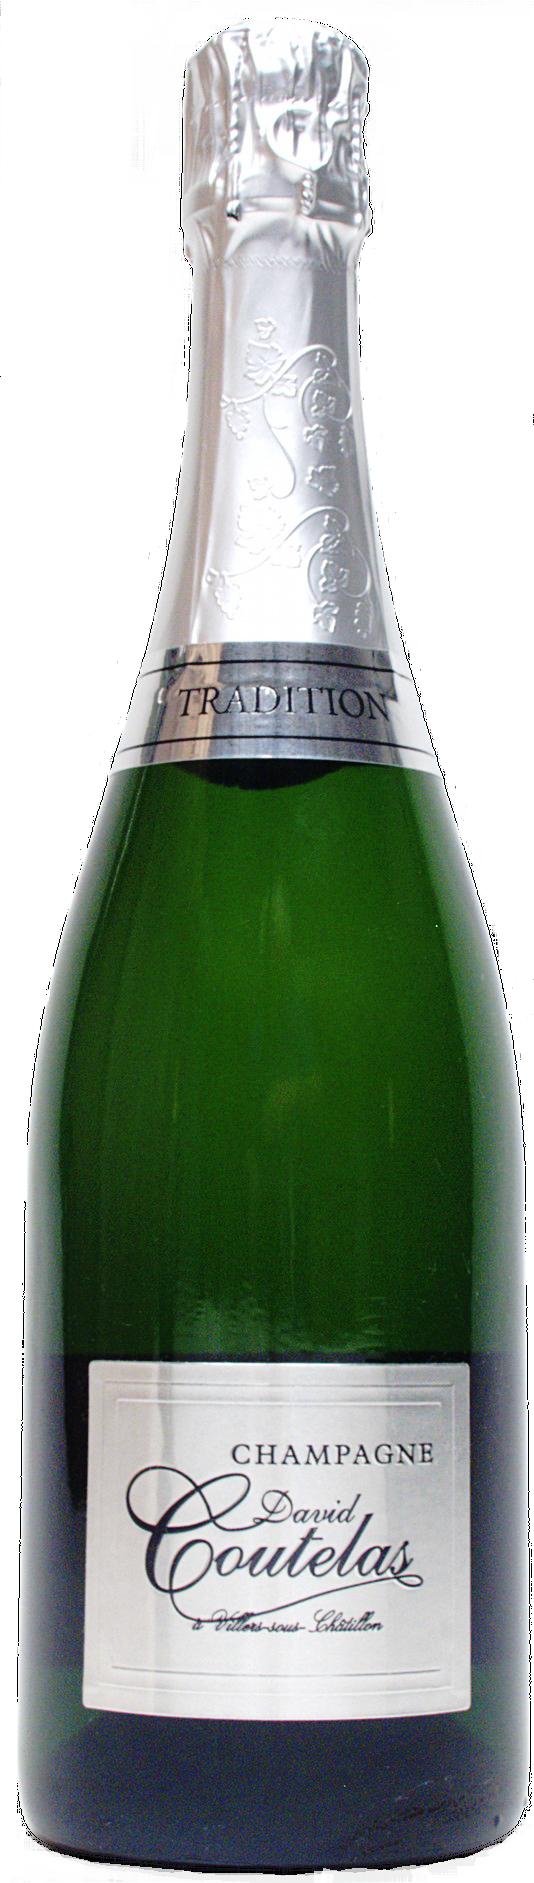 David Coutelas Brut Cuvée Tradition